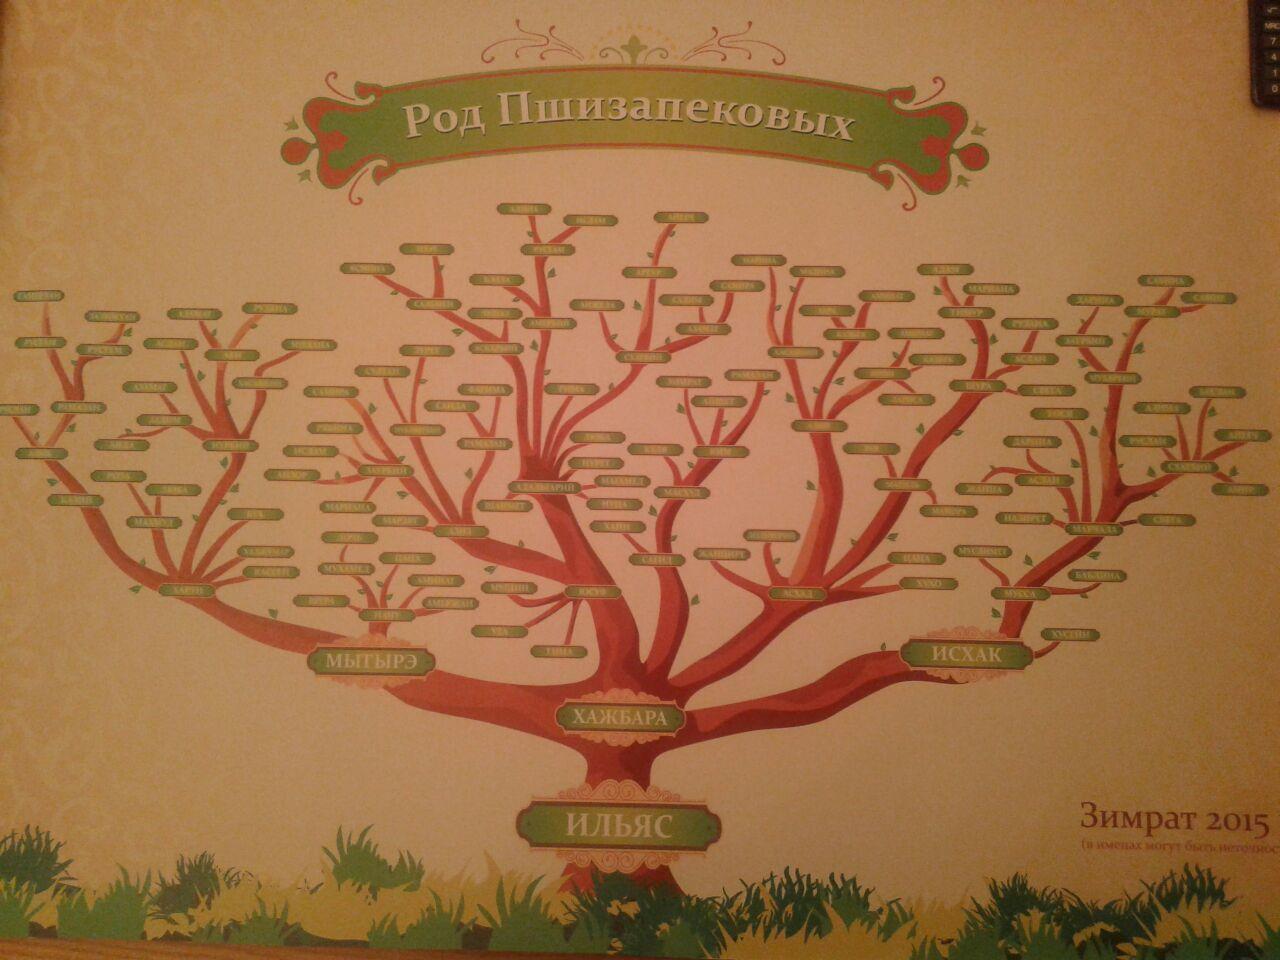 Поиск людей. Генеалогическое древо, родословная 80